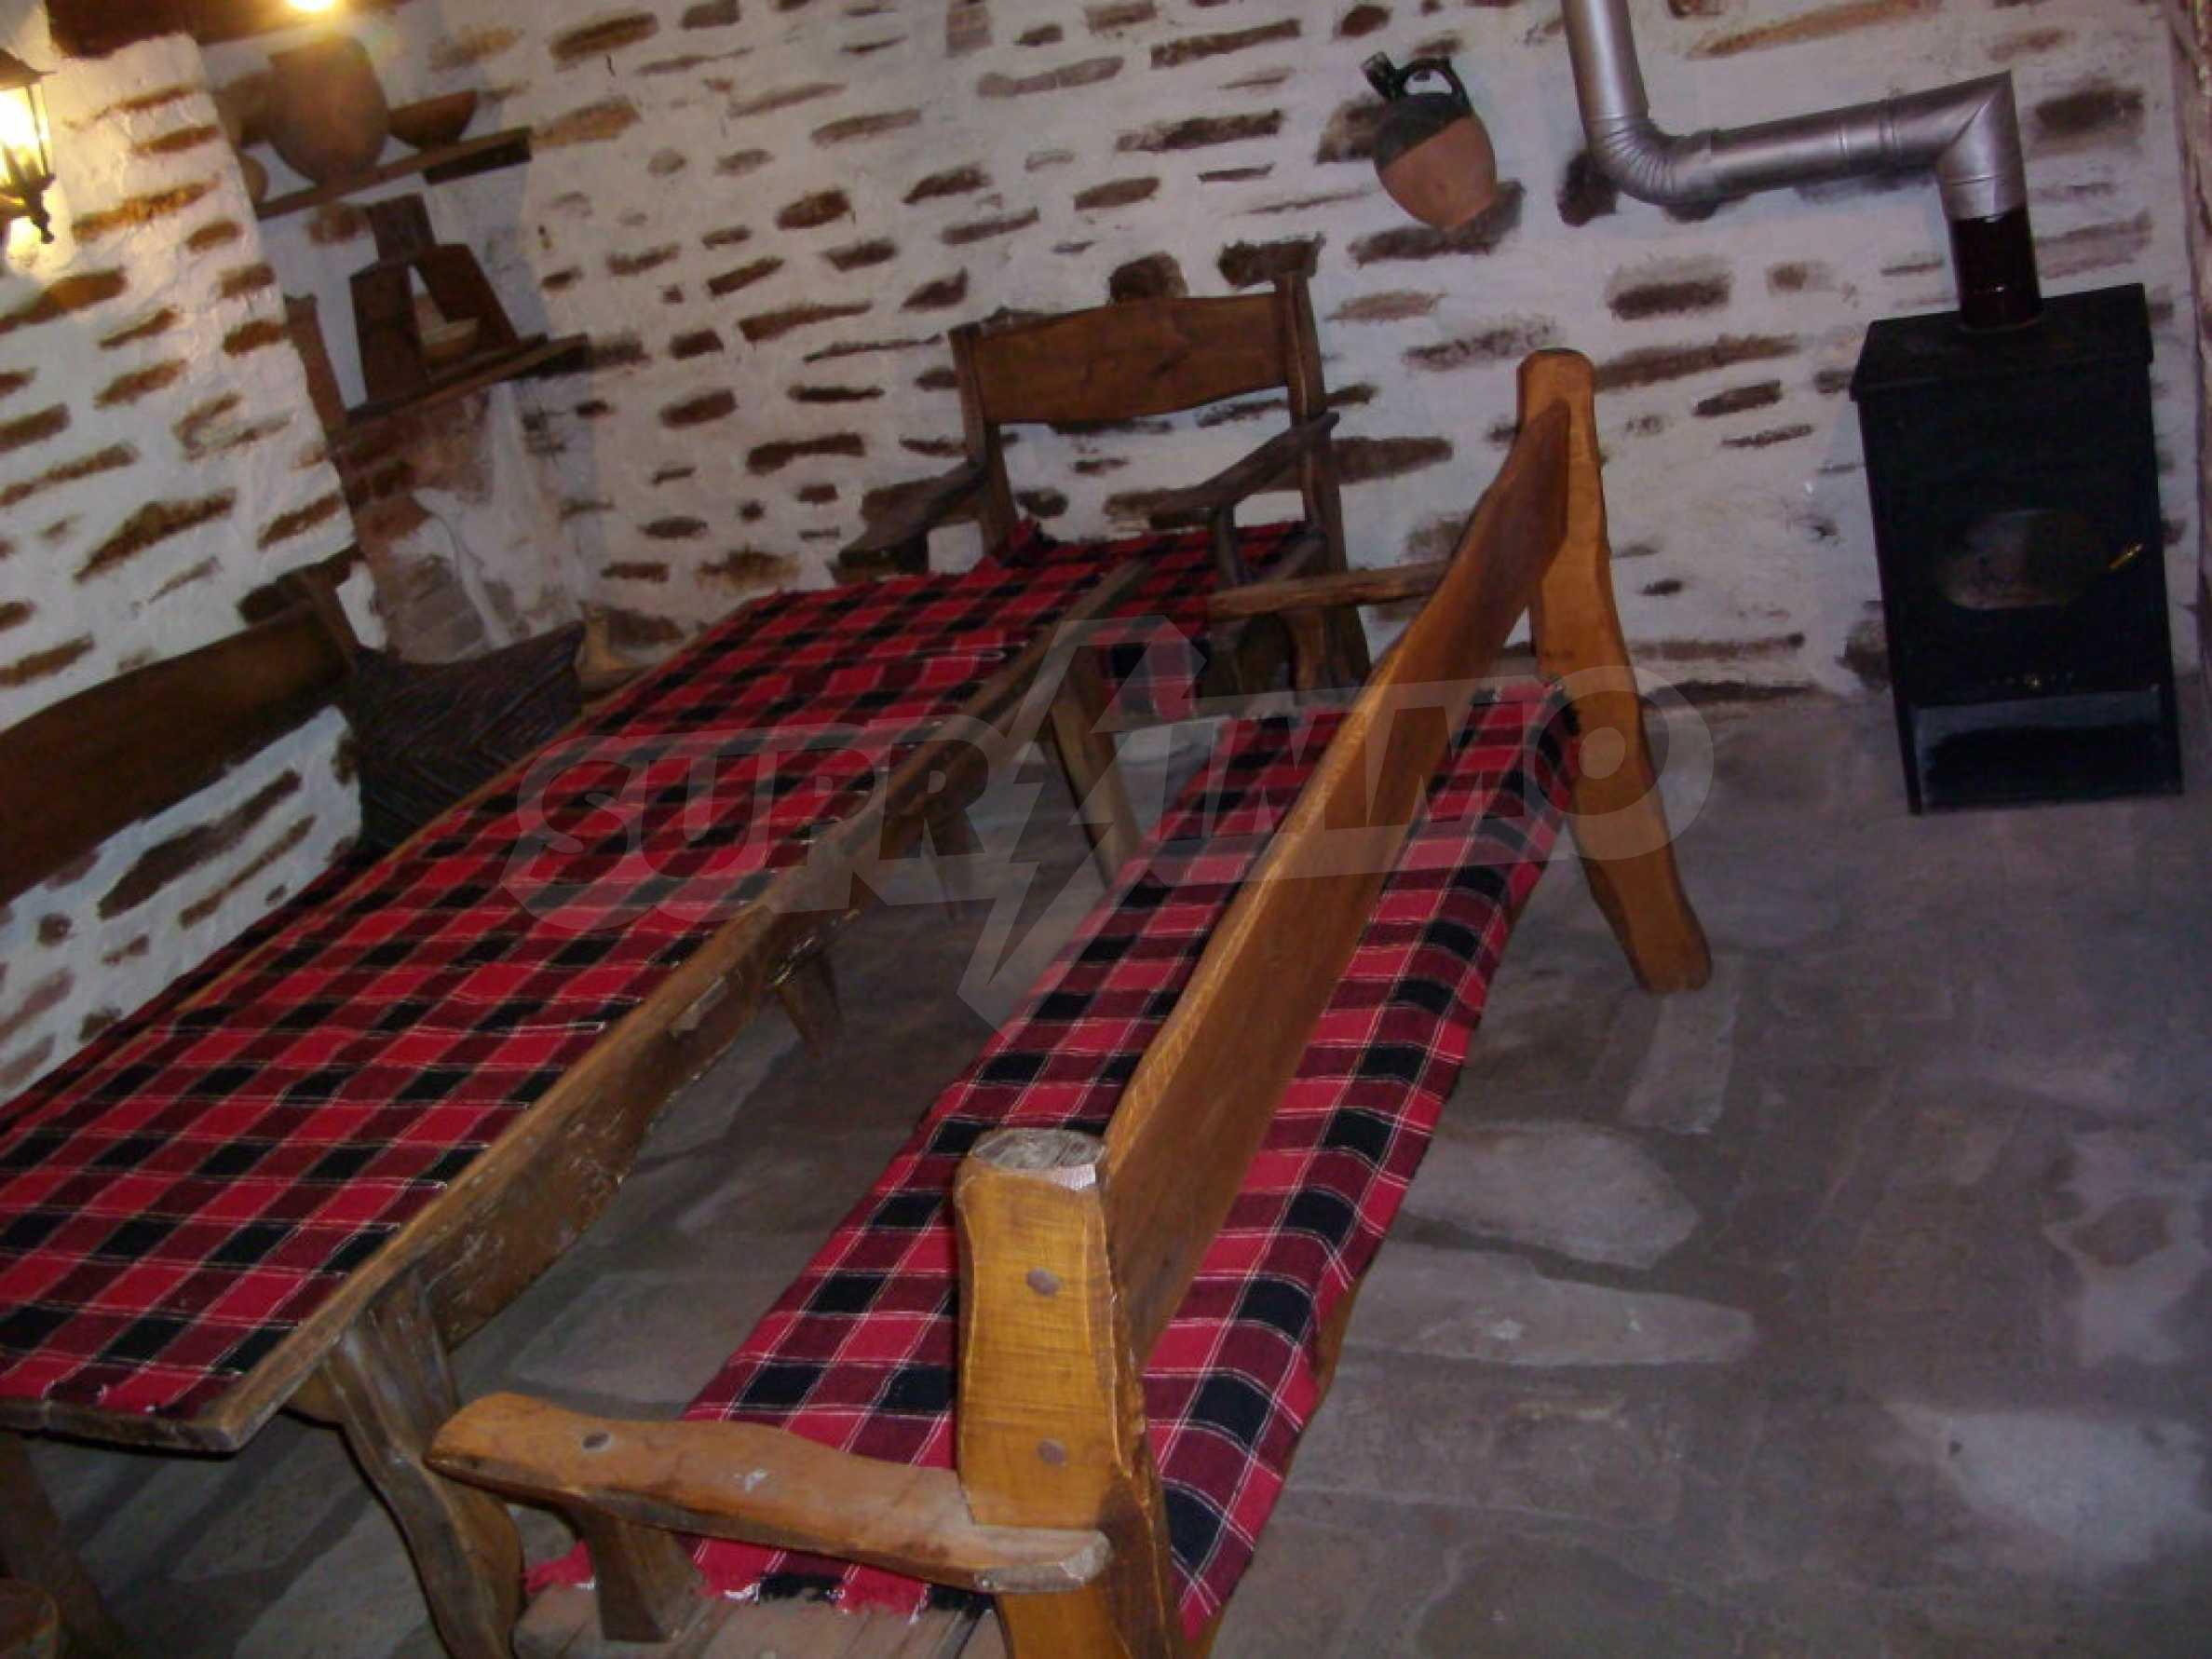 Vollständig möbliertes Anwesen im erhaltenen traditionellen bulgarischen Stil 12